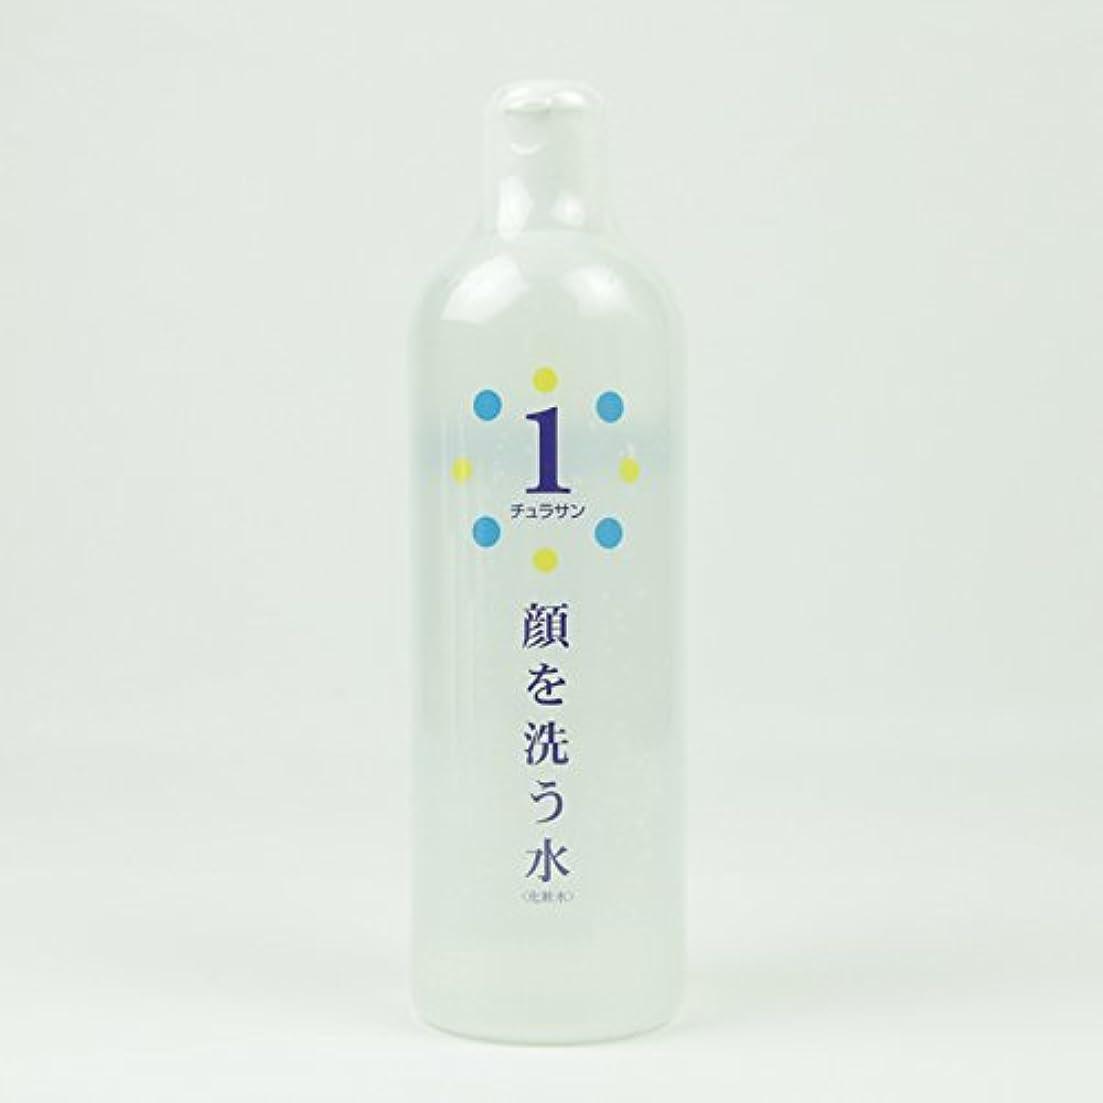 アレルギー性アレイ反応するチュラサン1 【顔を洗う水】 500ml